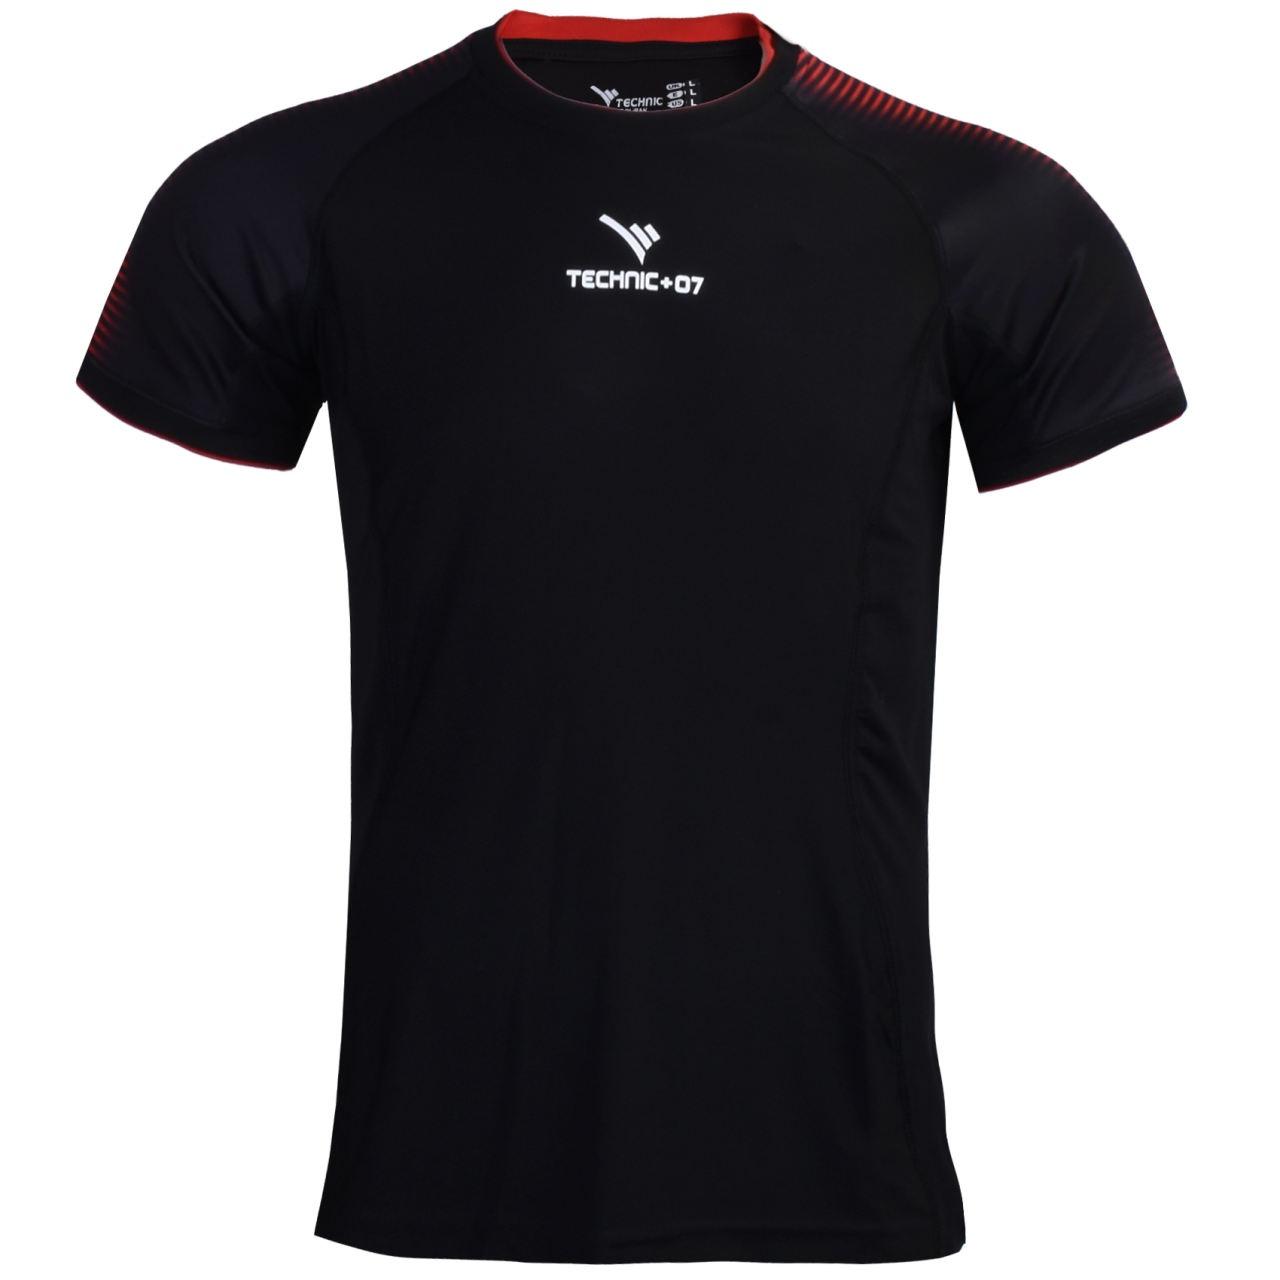 تی شرت ورزشی مردانه تکنیک پلاس 07 مدل TS-132-ME-G